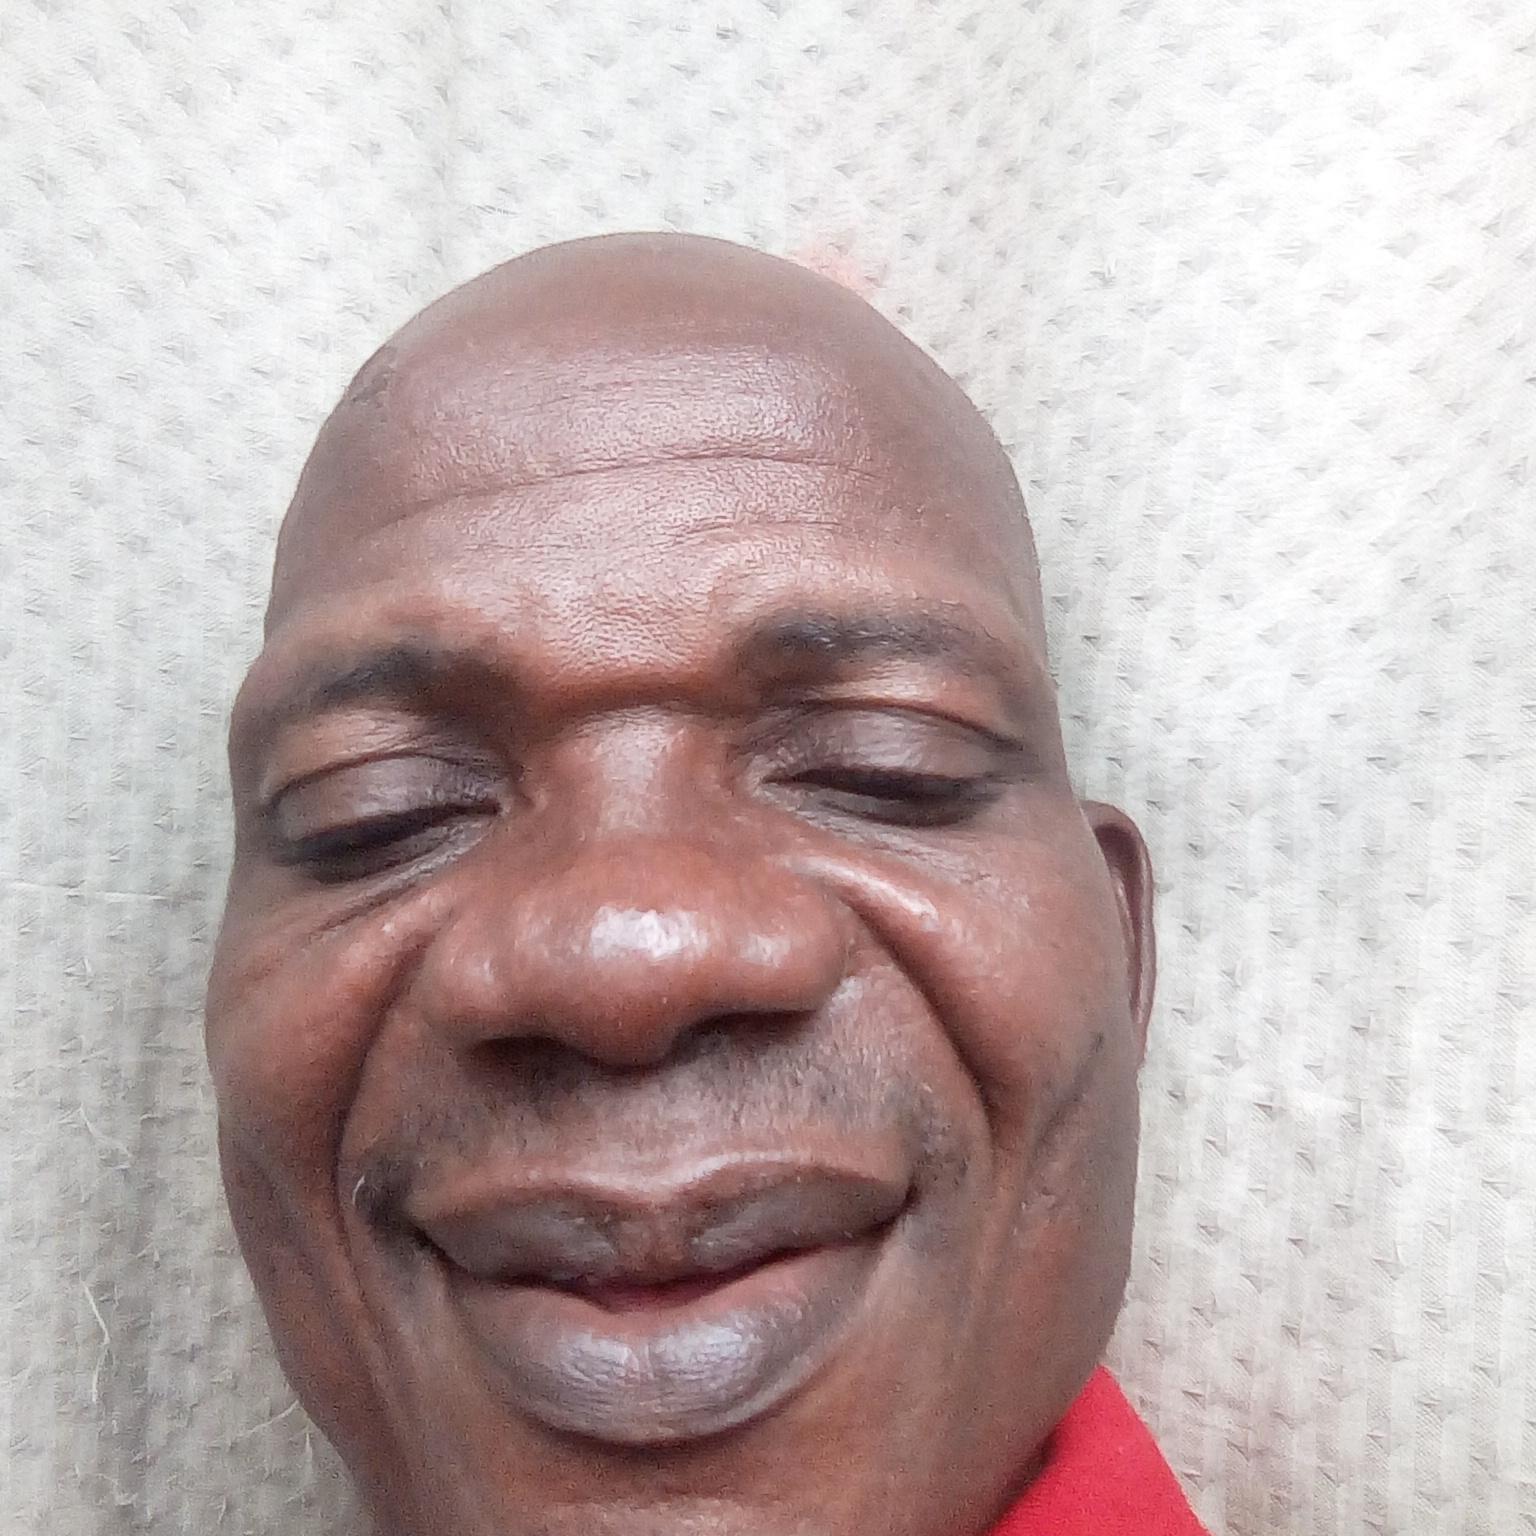 Oladoyin Oyebola